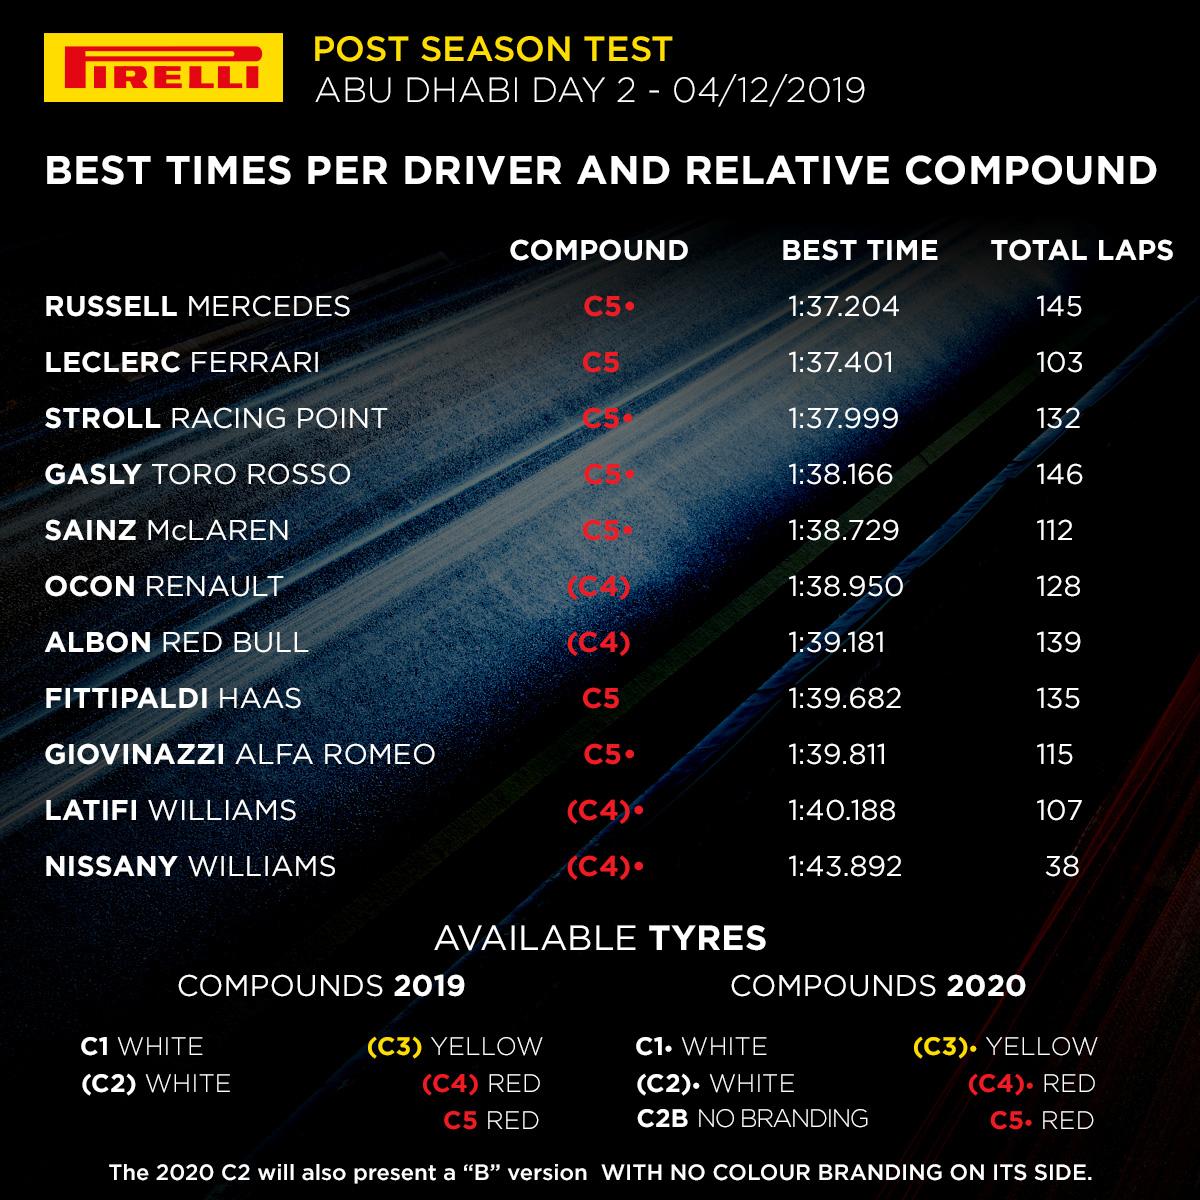 Russell najbrži drugog dana testiranja u Abu Dhabiju!